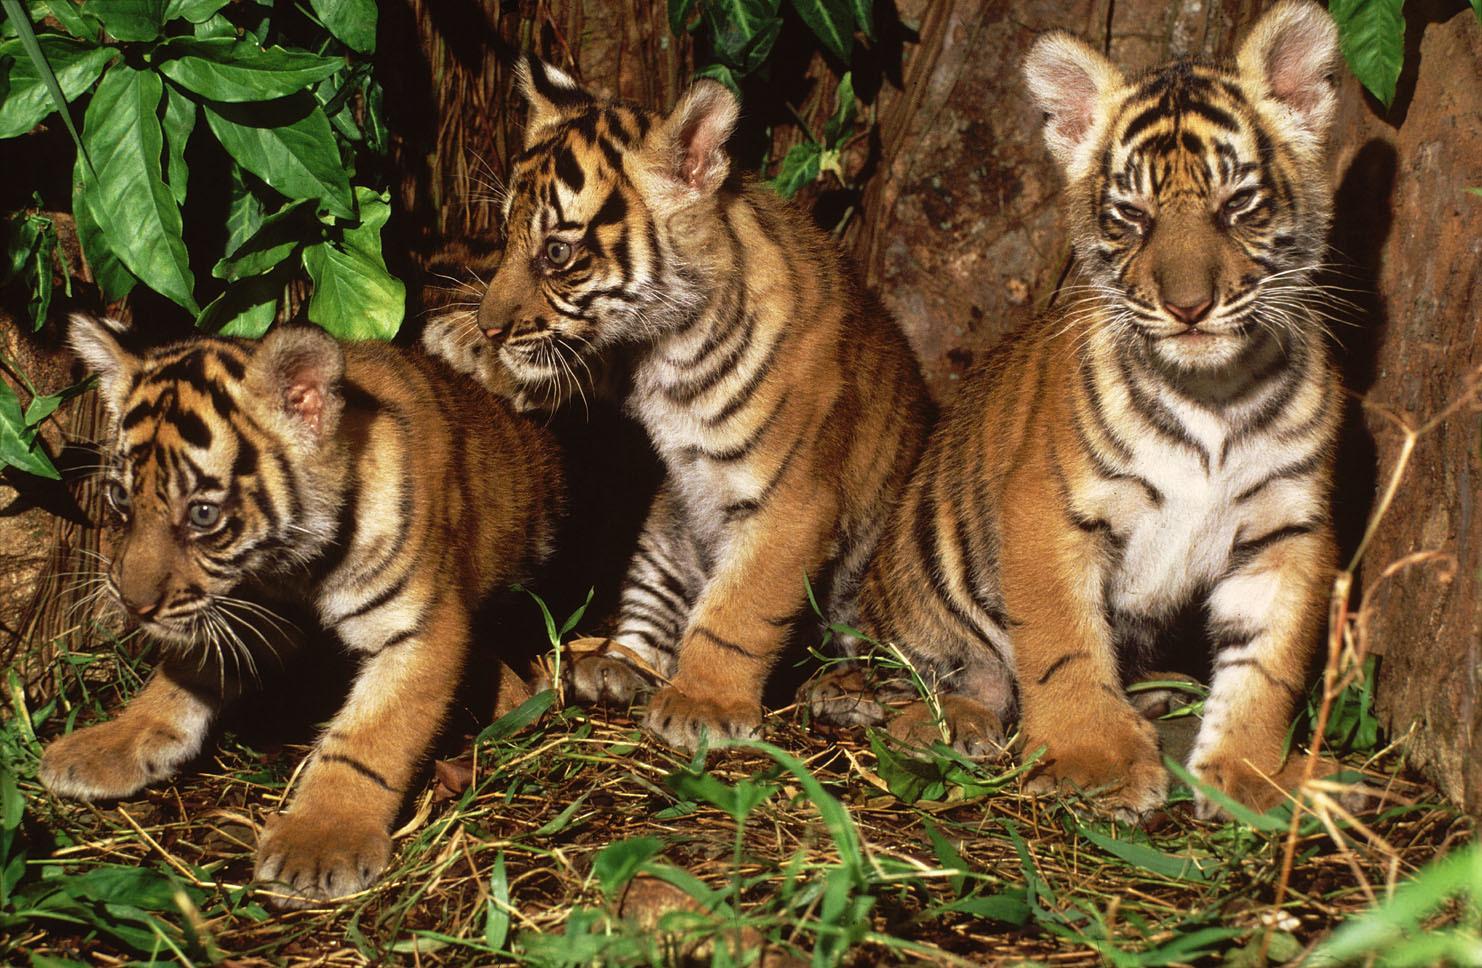 Menjaga Harimau Menjaga Ekosistem Hutan Yang Sehat Wwf Indonesia